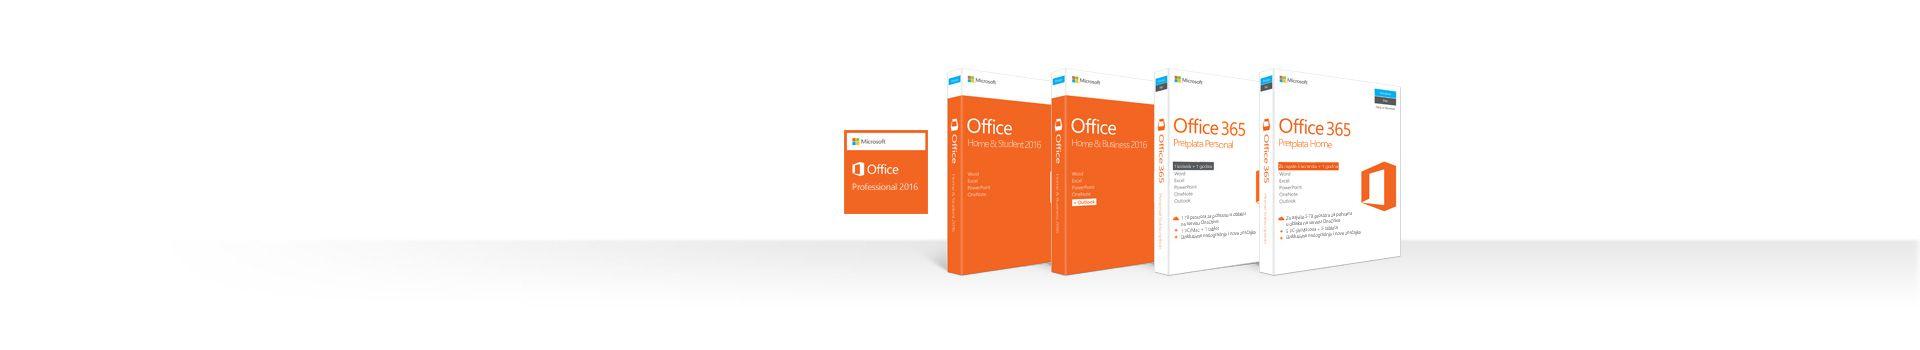 Redak s okvirima koji predstavljaju pretplatničke i samostalne proizvode sustava Office za PC